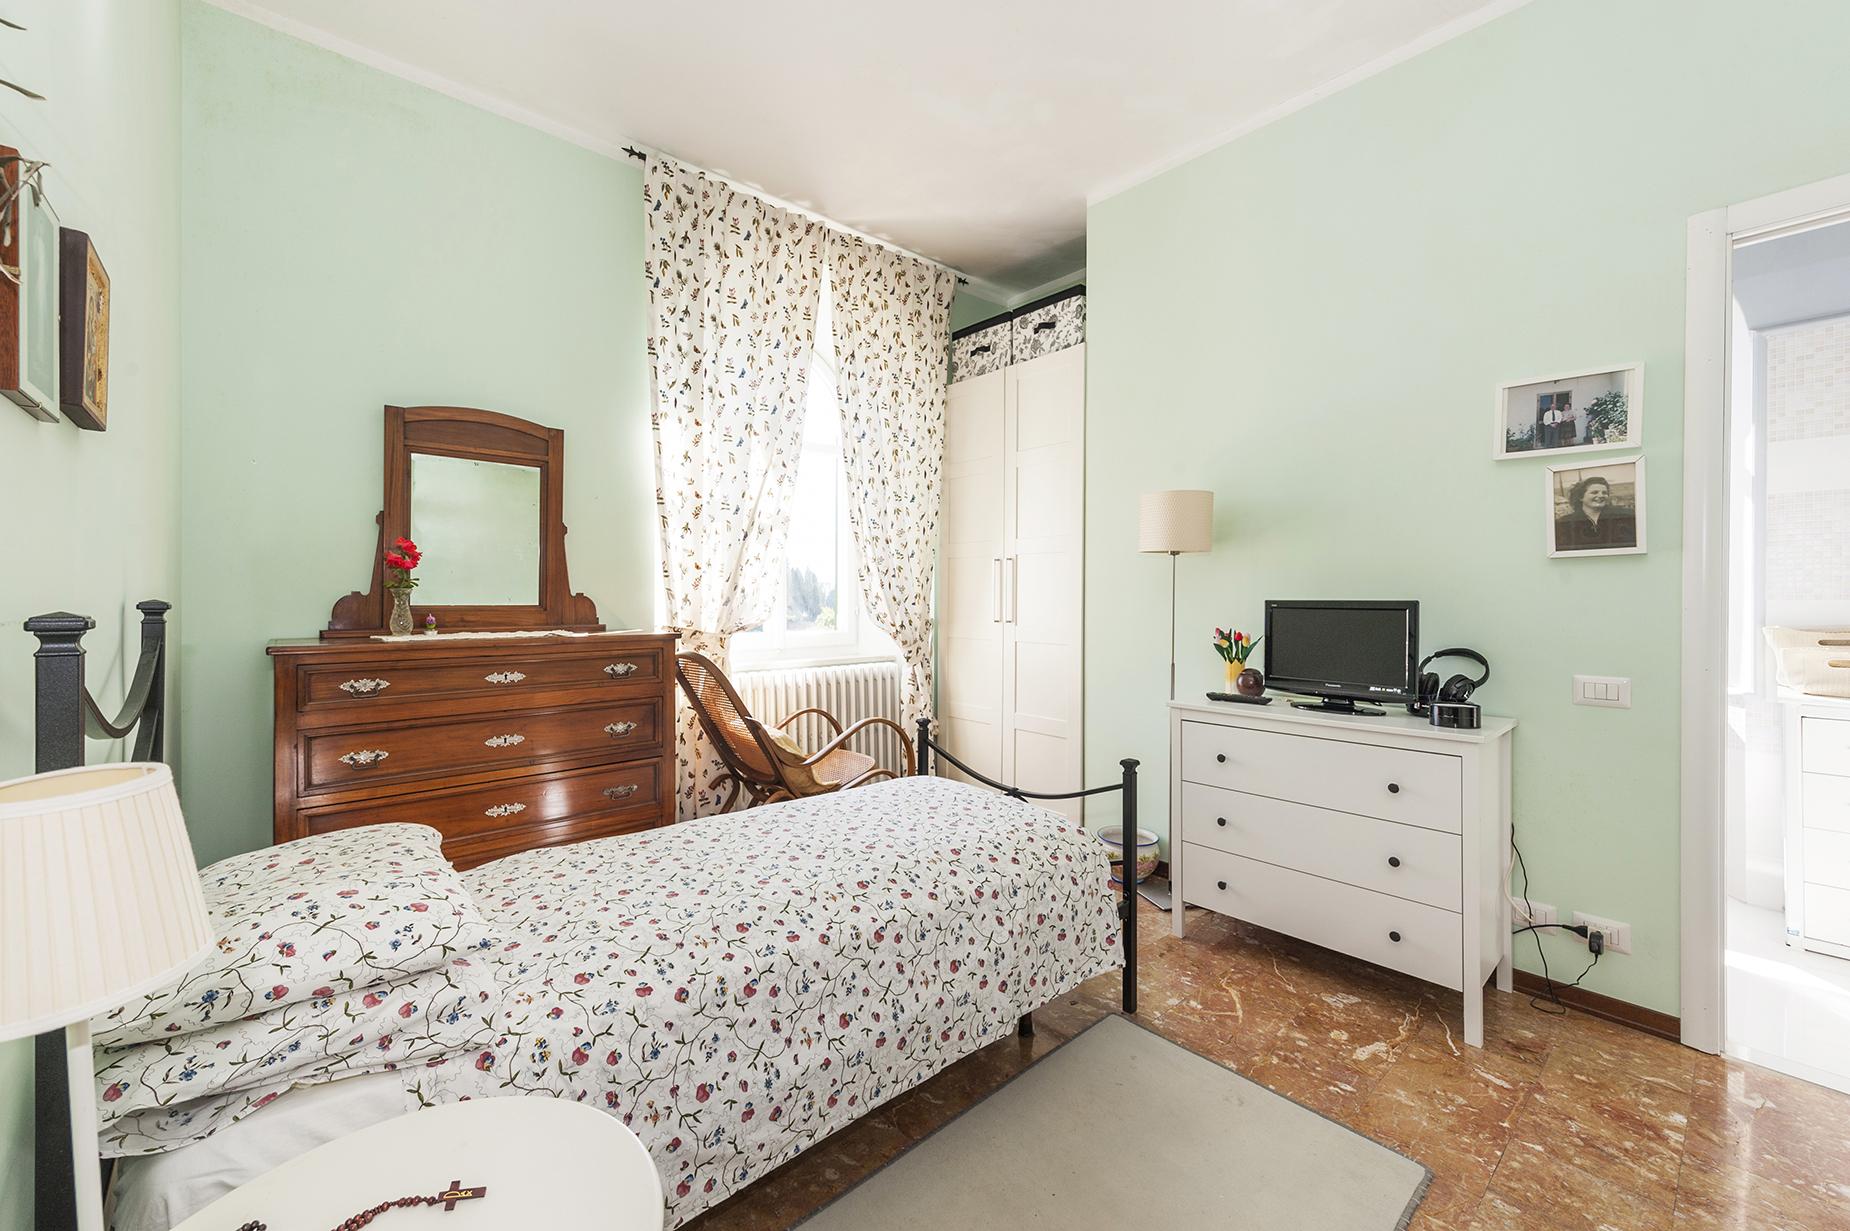 Casa indipendente in Vendita a Sorano: 5 locali, 230 mq - Foto 23